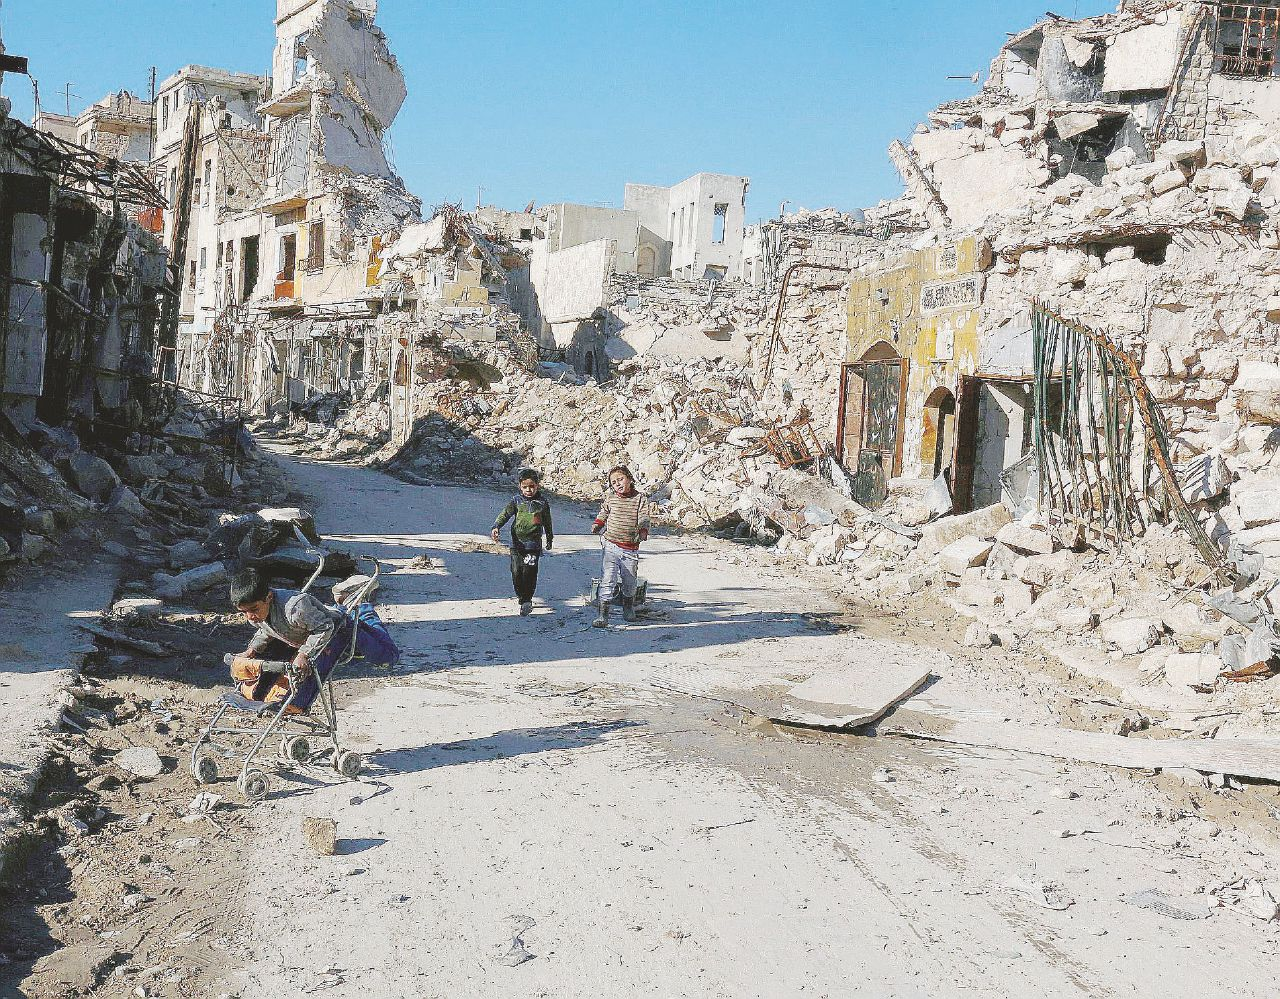 Dopo Aleppo: il dilemma della Siria tra caos e regime